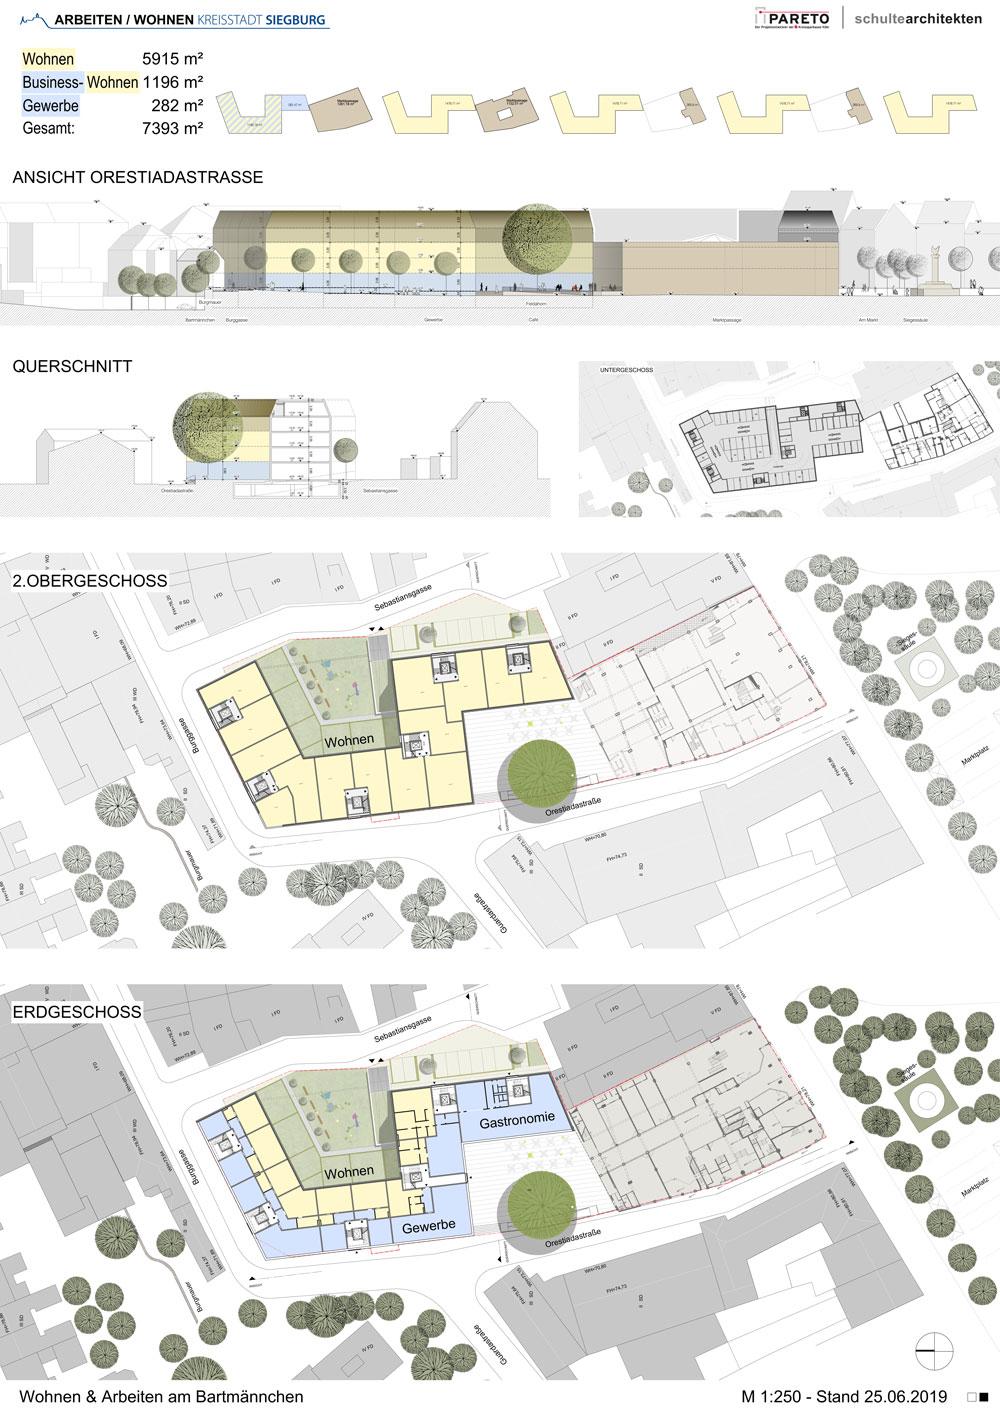 Allianzparkplatz - Wohnen und Arbeiten am Bartmännchen